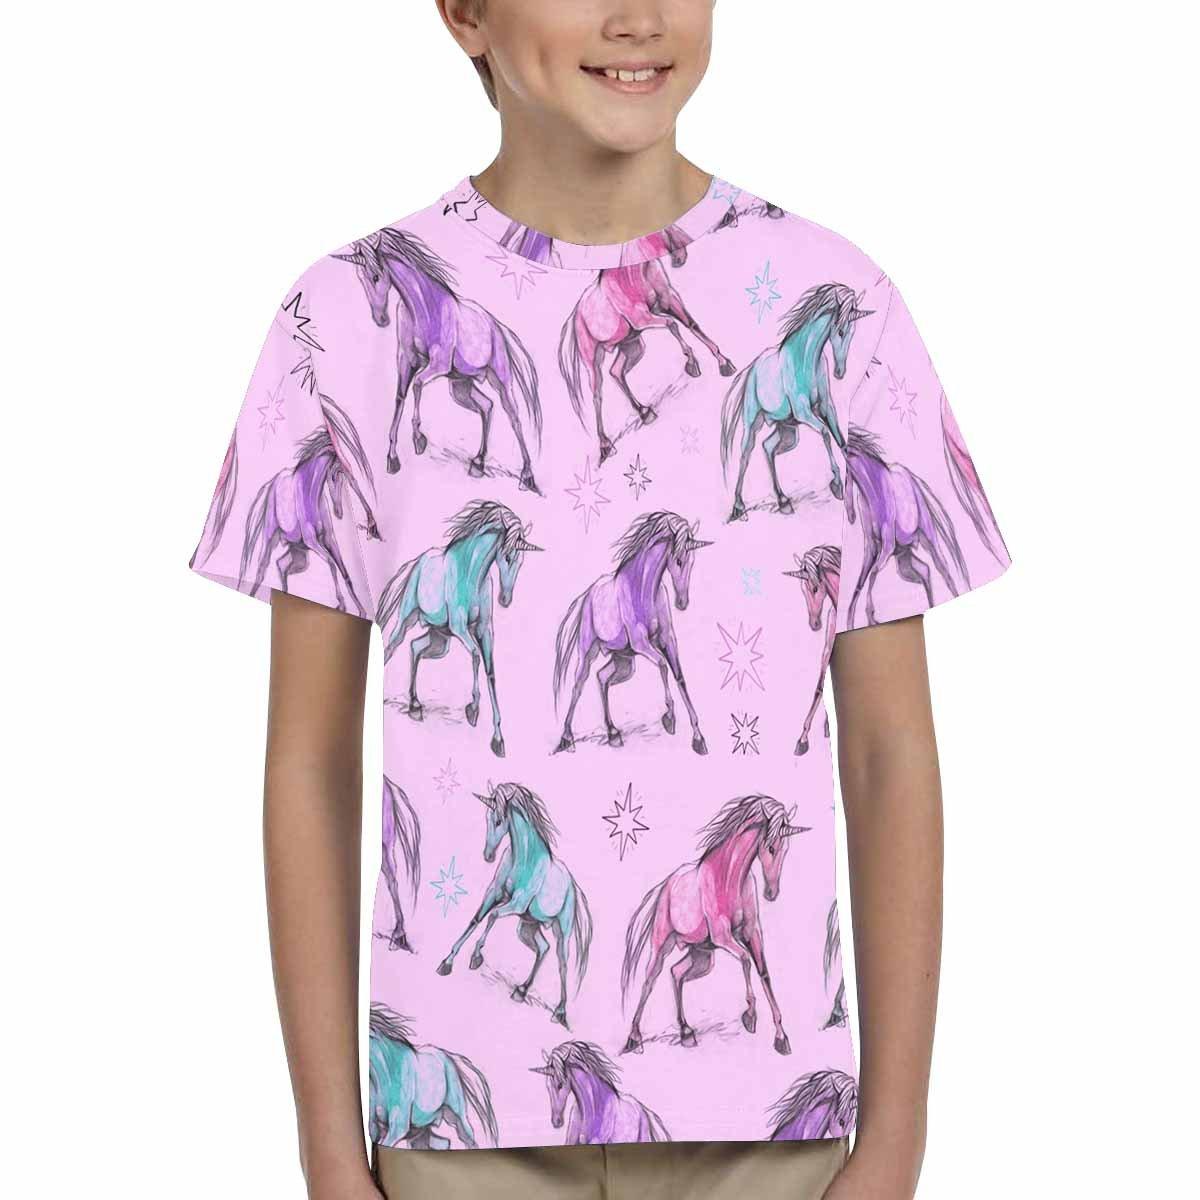 XS-XL INTERESTPRINT Childs T-Shirt Pattern with Unicorns